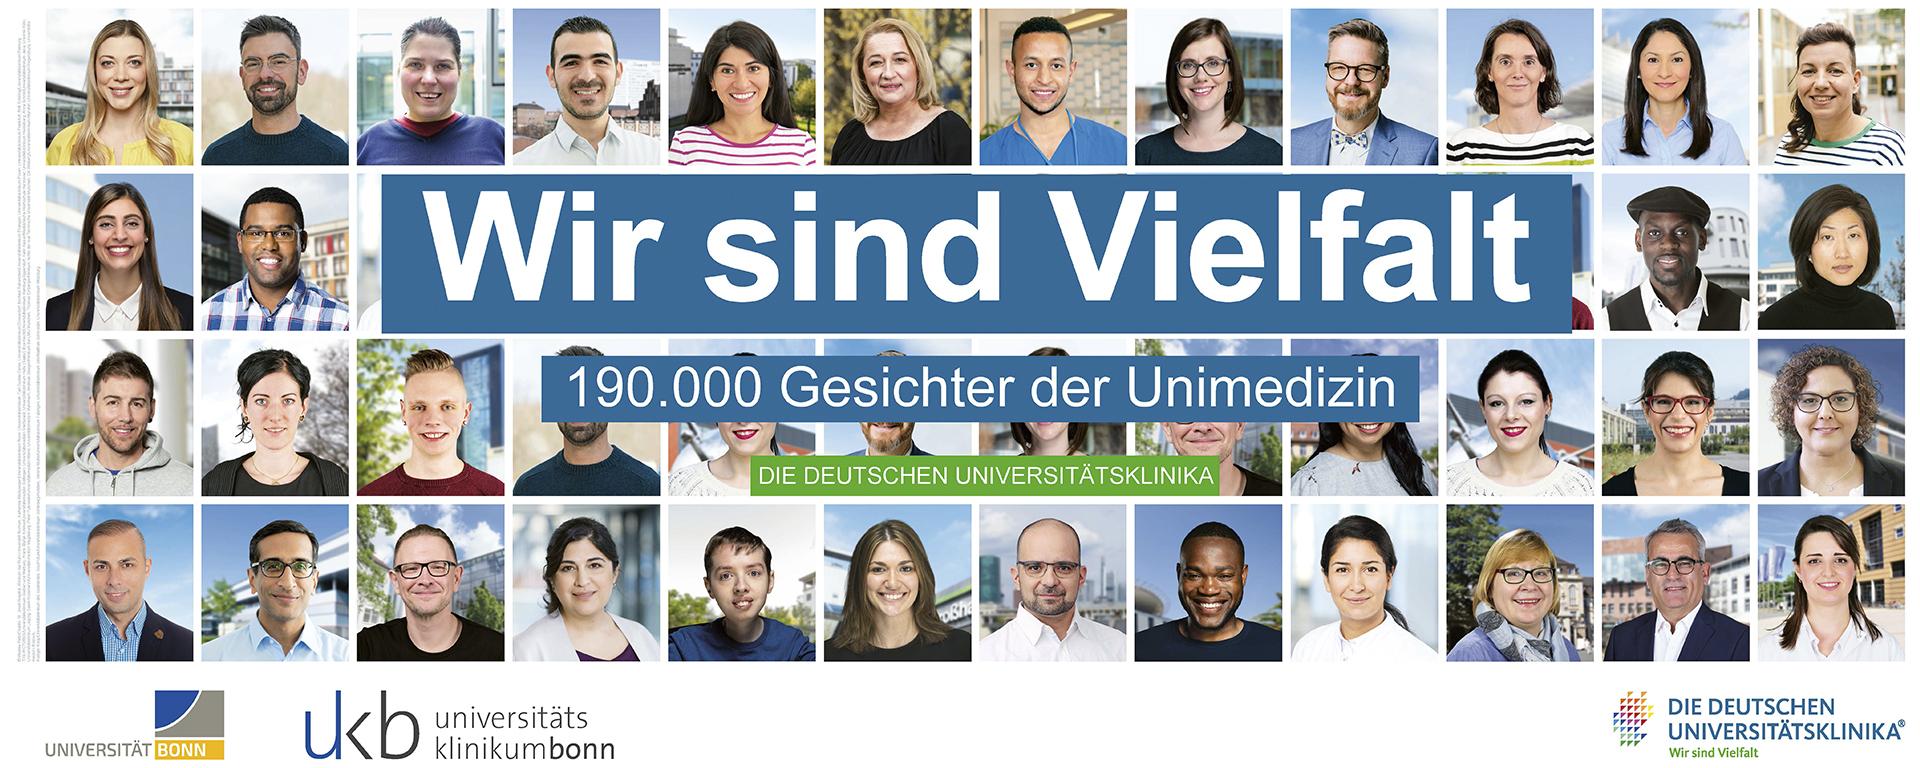 Vielfalt der Kulturen und Lebensweisen an den Uniklinika in Deutschland